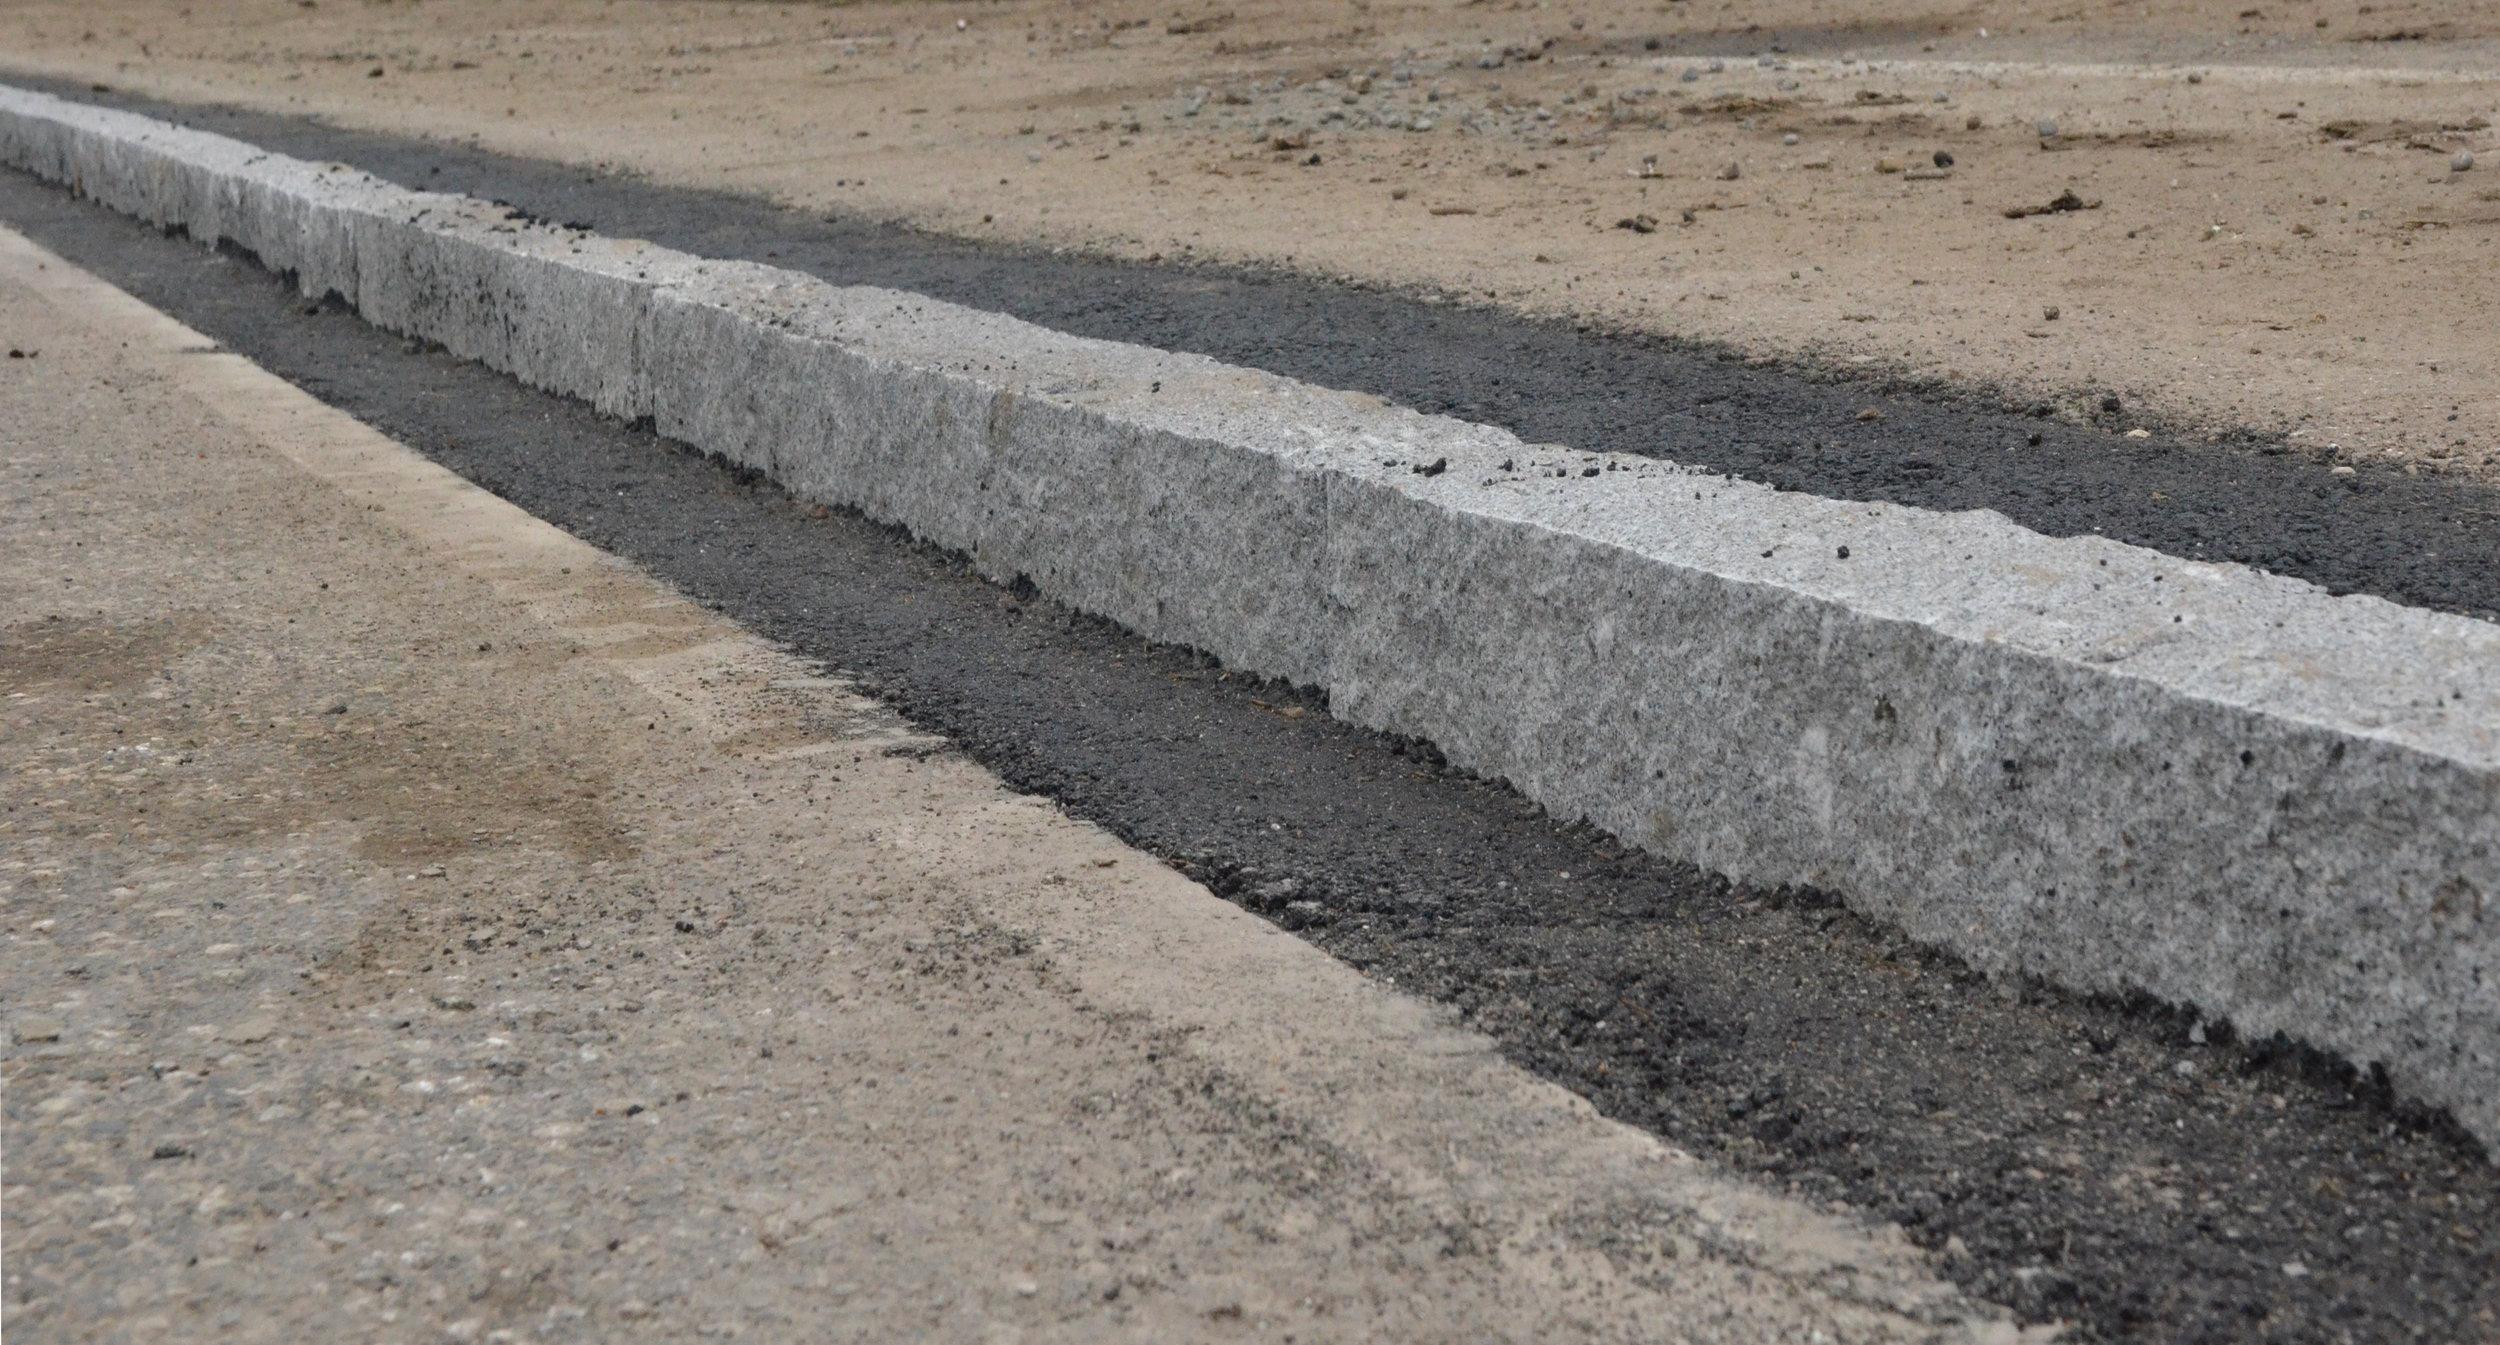 På den vestlige side af Kongevejen er der opsat en ny granitkantsten - men mod øst har man - ind til videre - bibeholdt den gamle delvis forvitrede betonkantsten.Foto: AOB